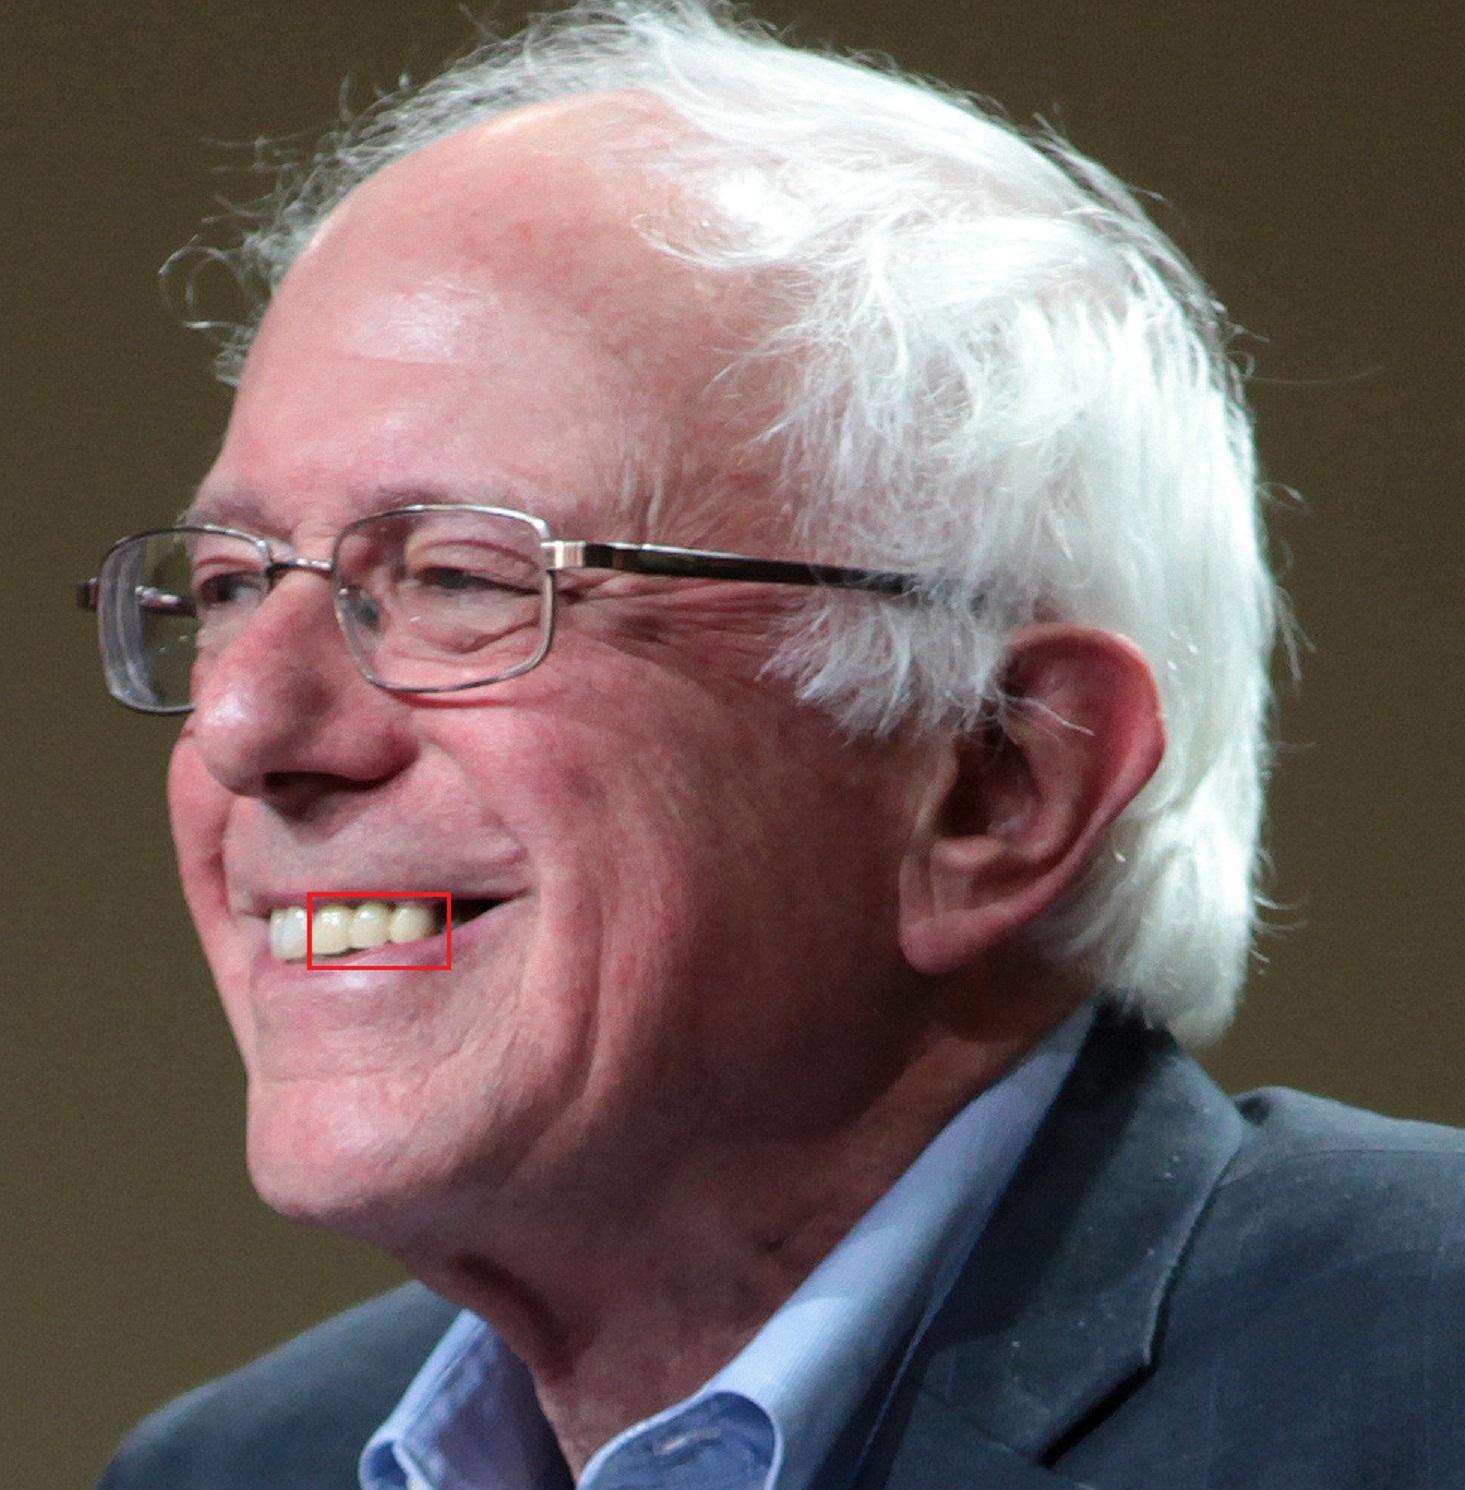 Image of Bernie Sanders highlighting dental work